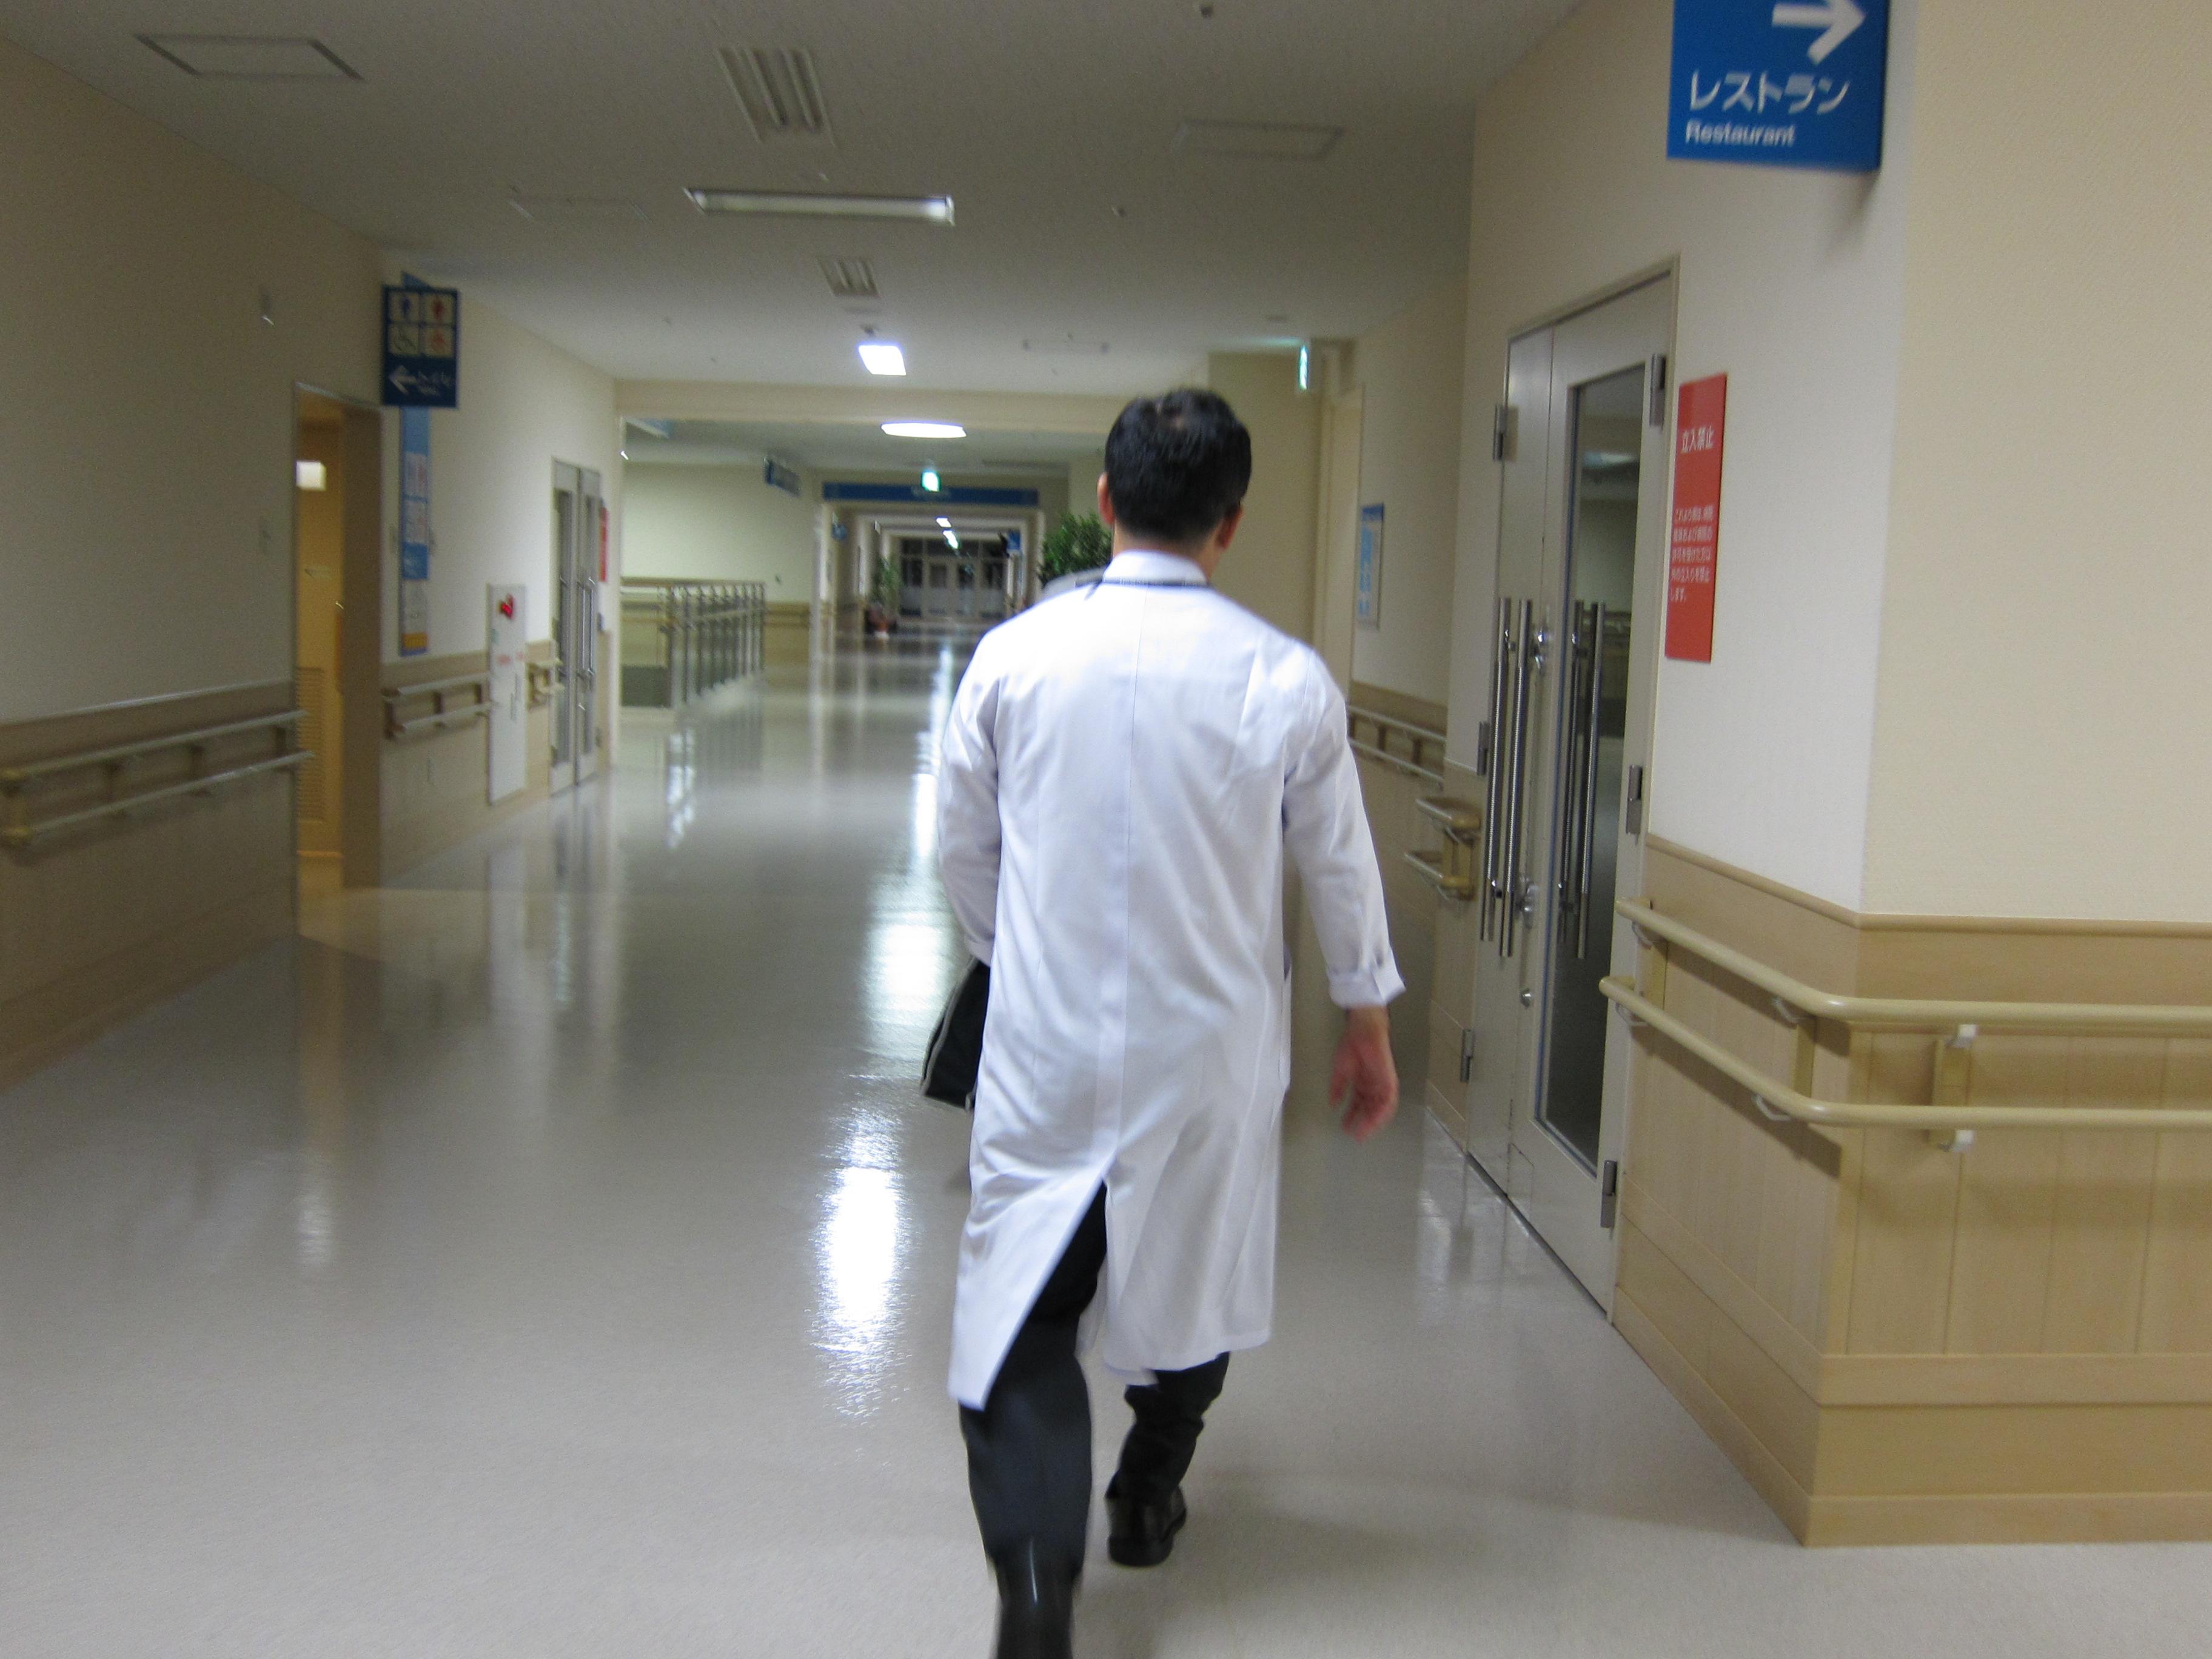 פסוריאזיס מחלה כרונית עם תופעות לוואי קשות